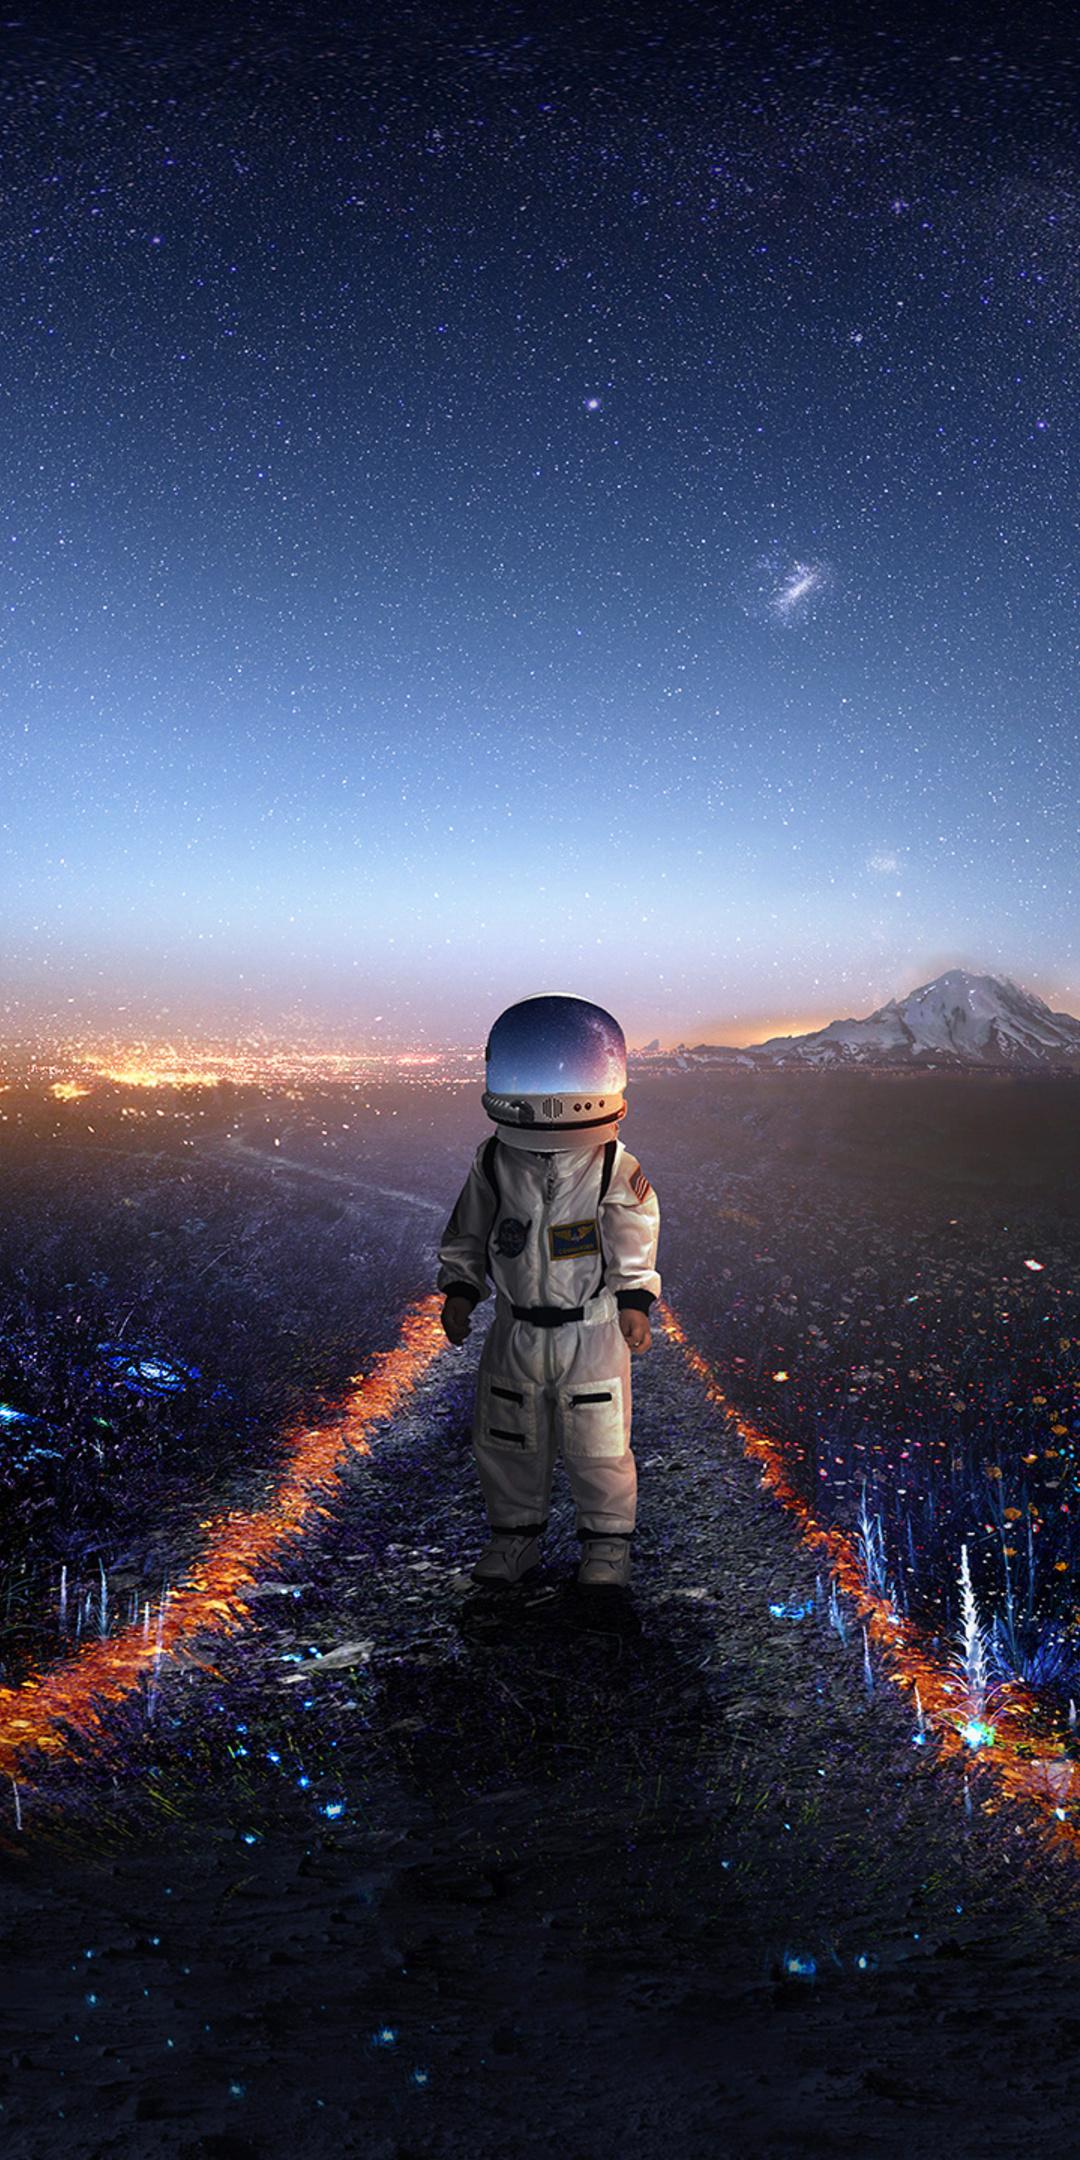 astronaut-creative-artwork-deviantart-zq.jpg